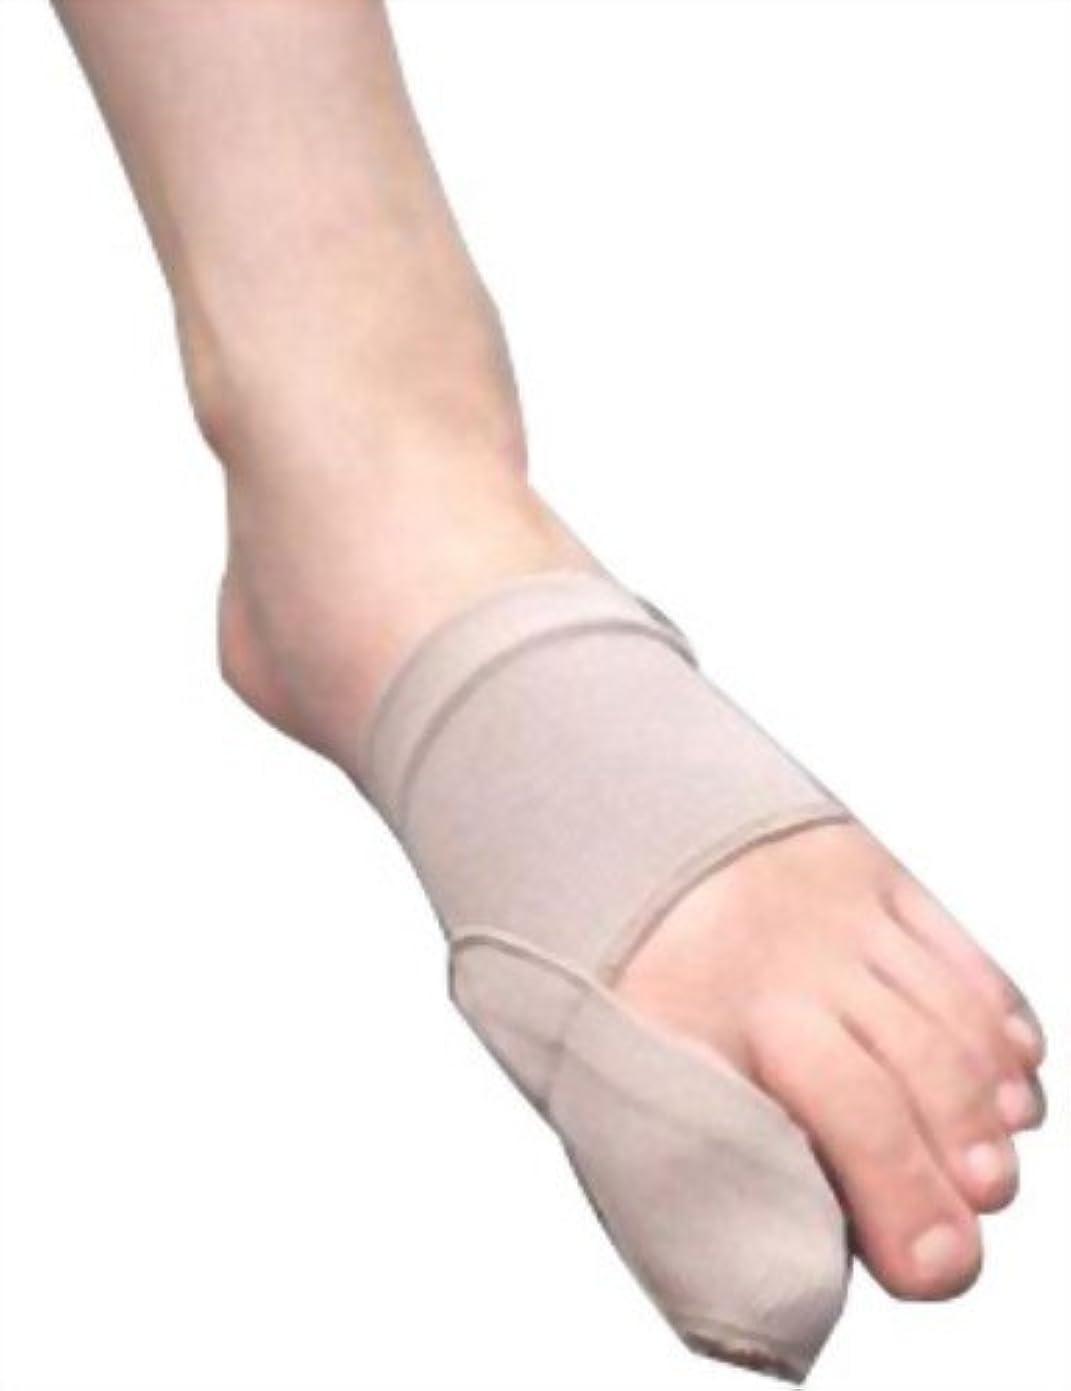 凍結引き受ける量富士パックス販売 「 外反母趾 足楽サポーター 」 左右兼用 1枚入り ハードタイプ